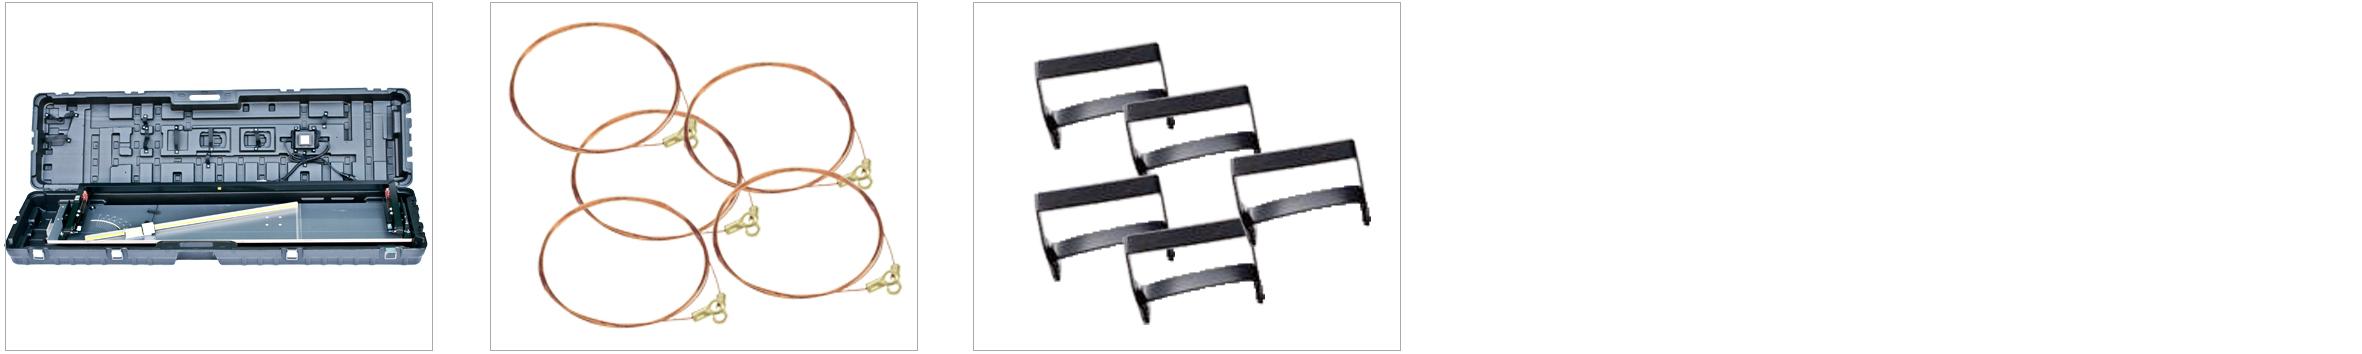 einmal styroporschneider easycutter 3012 xxl im transportkoffer ebay. Black Bedroom Furniture Sets. Home Design Ideas